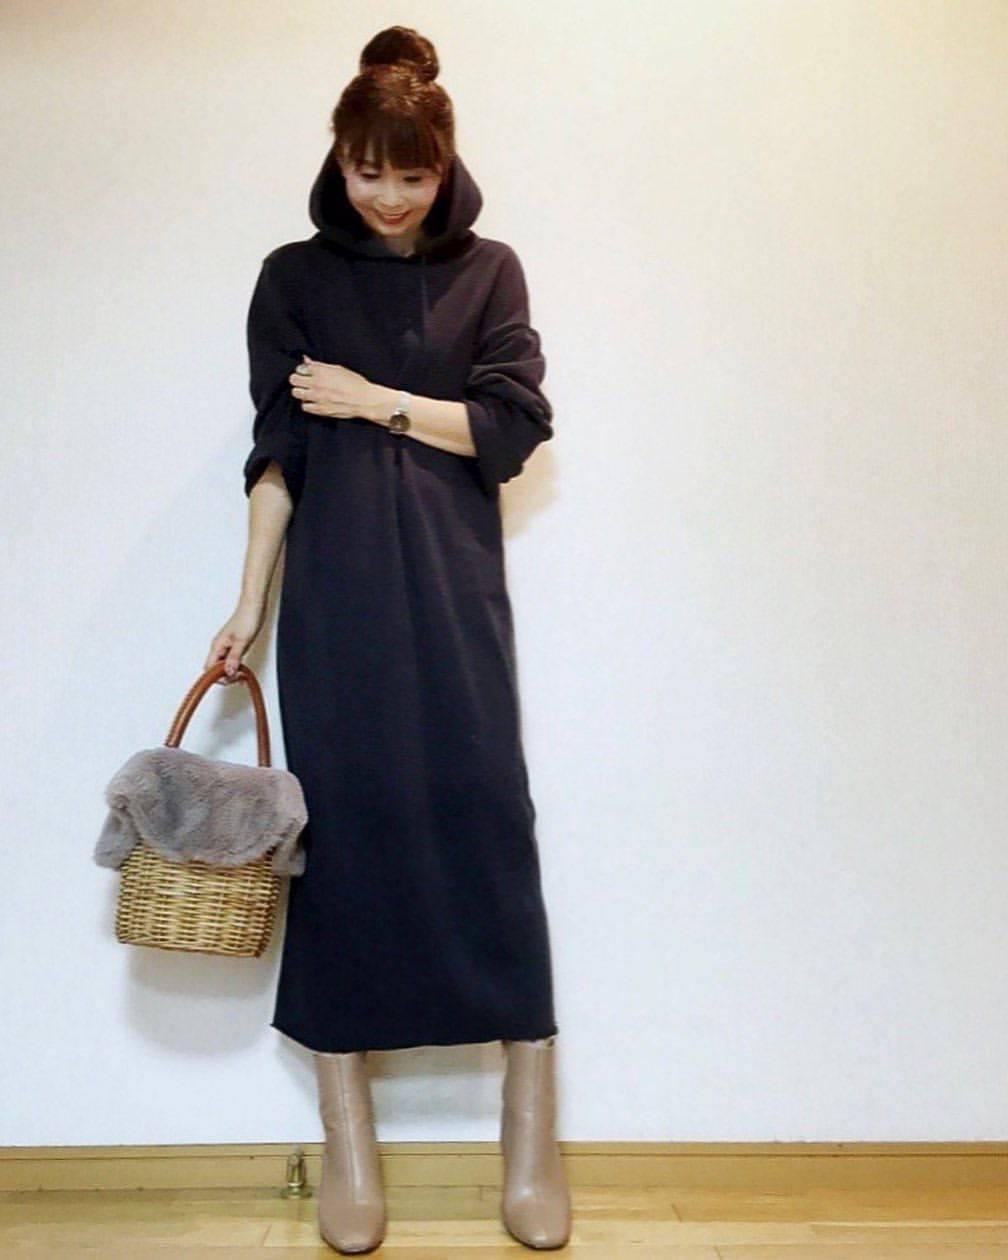 最高気温28度・最低気温19度 acmee.chiyoの服装